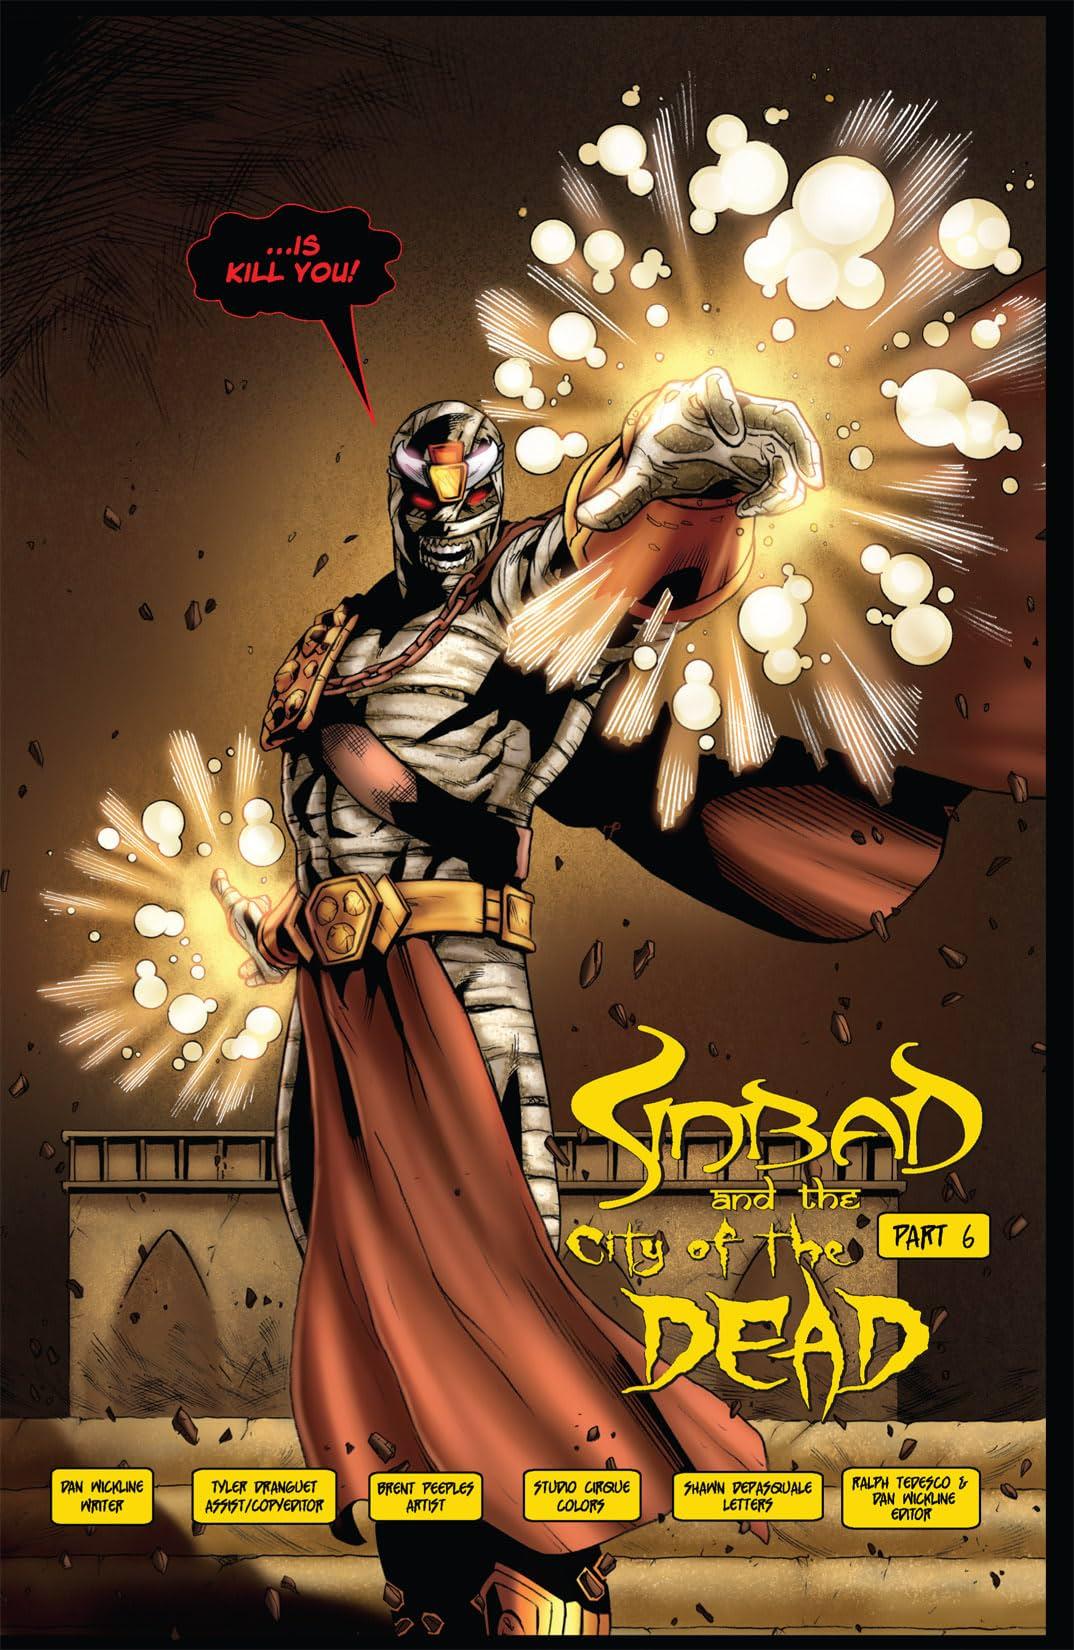 Sinbad #13